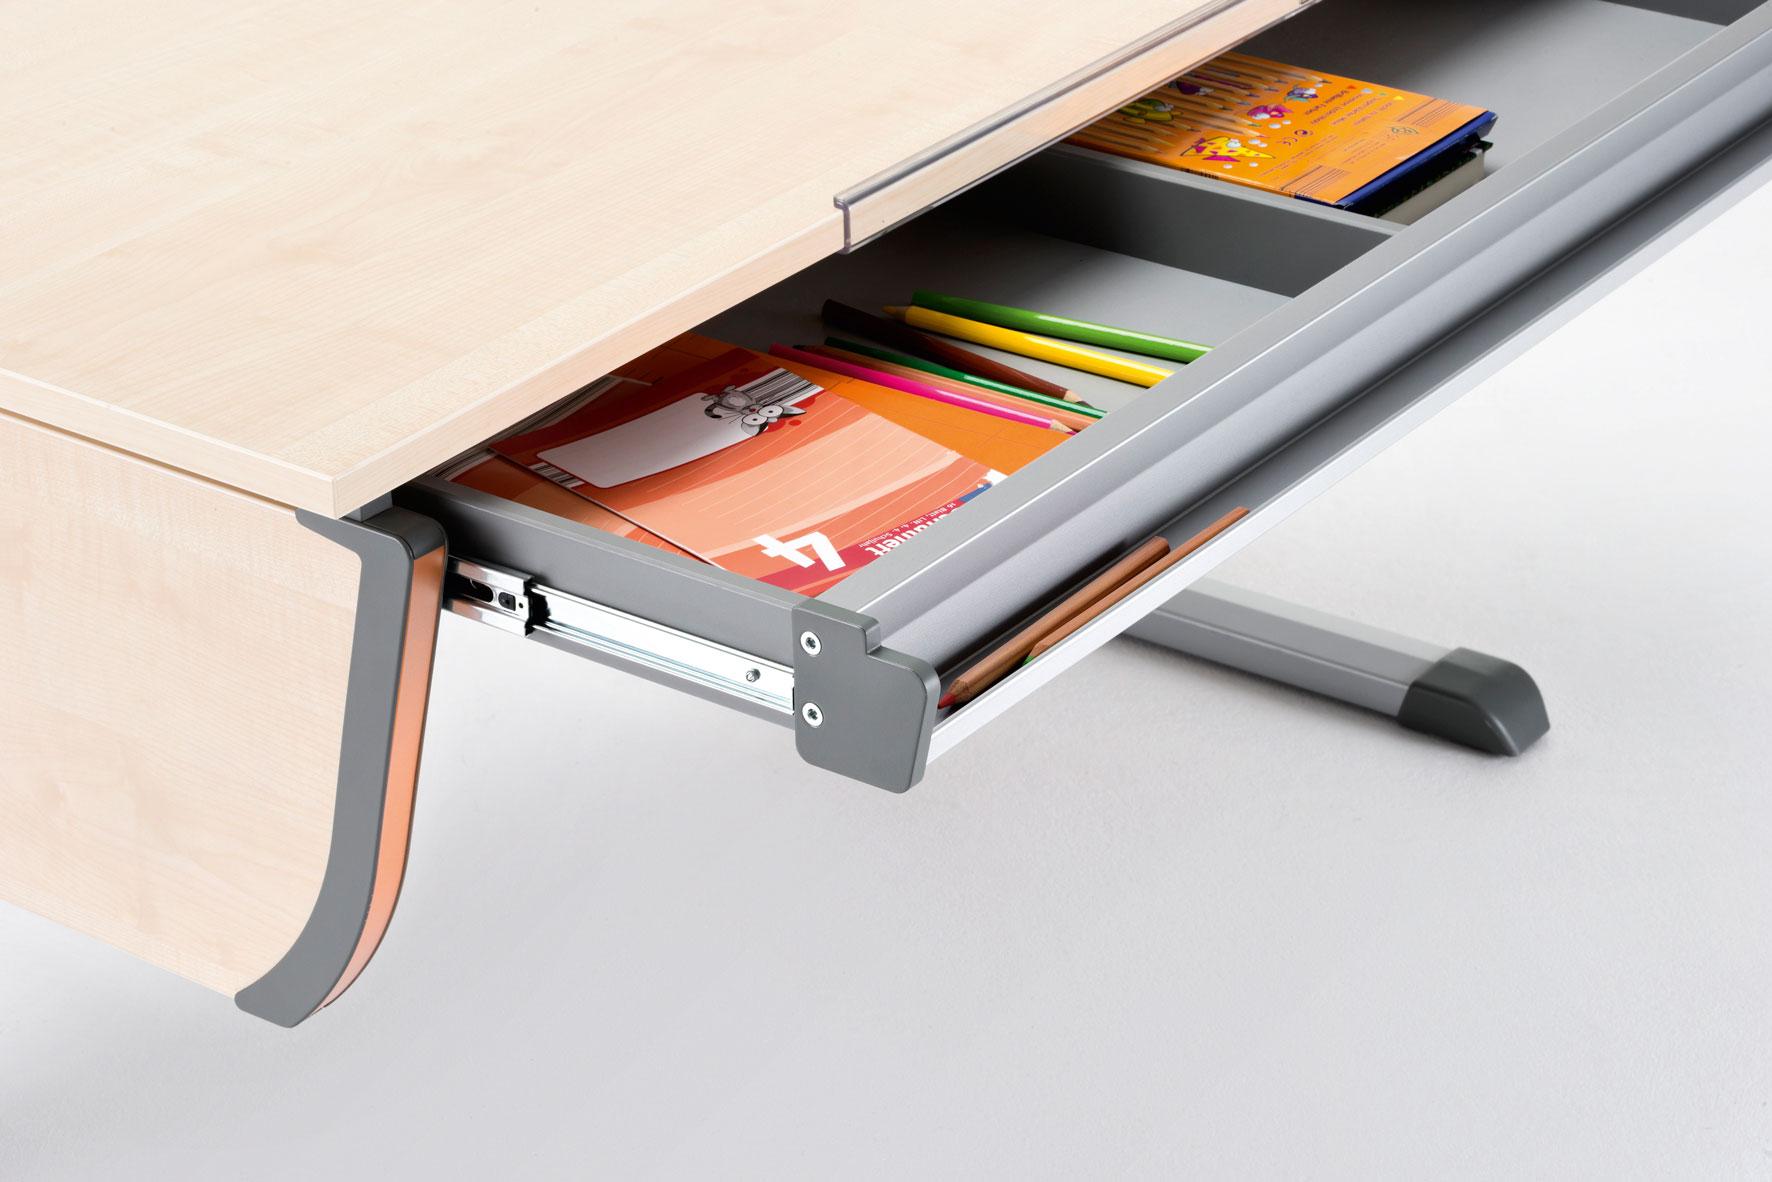 Купить Выдвижной ящик для стола Moll Joker в интернет магазине. Цены, характеристики, фото, отзывы, обзоры